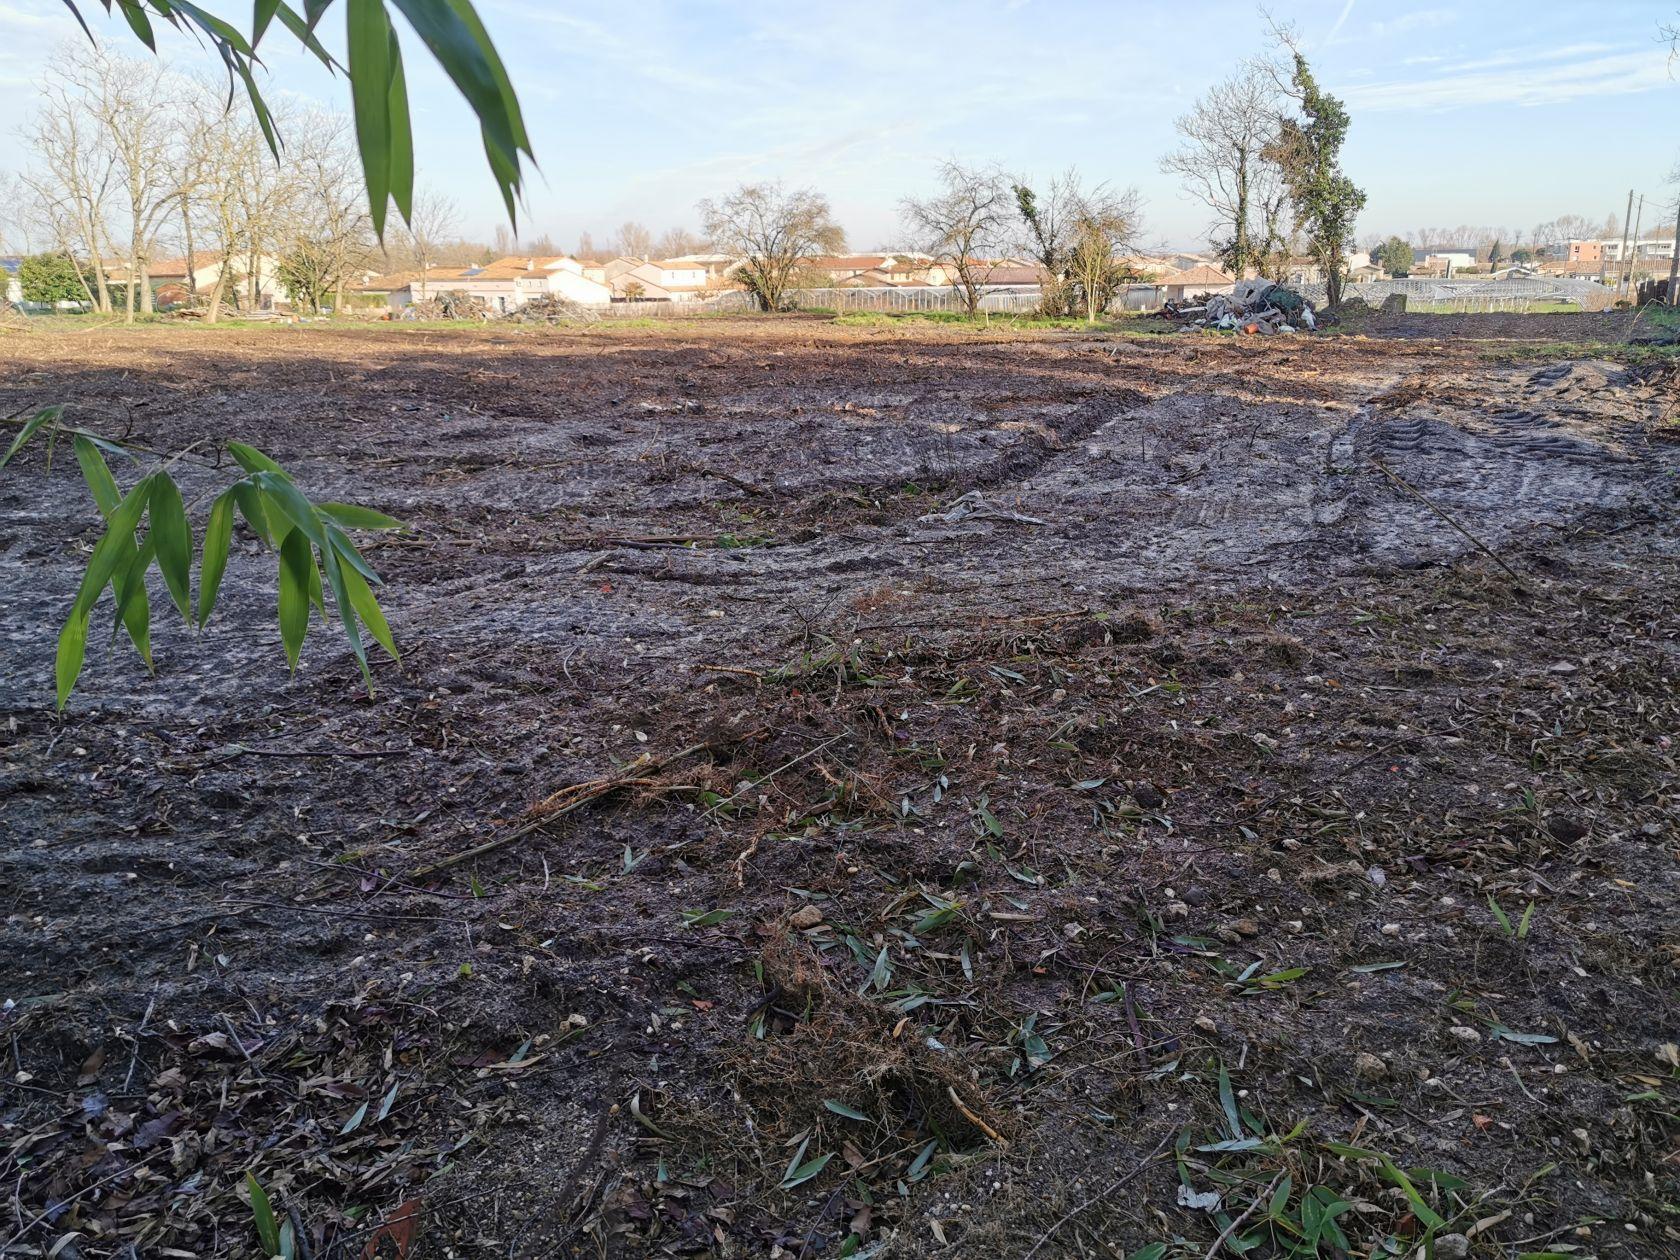 Terrains du constructeur MAISONS IDEOZ 33 • 306 m² • BRUGES